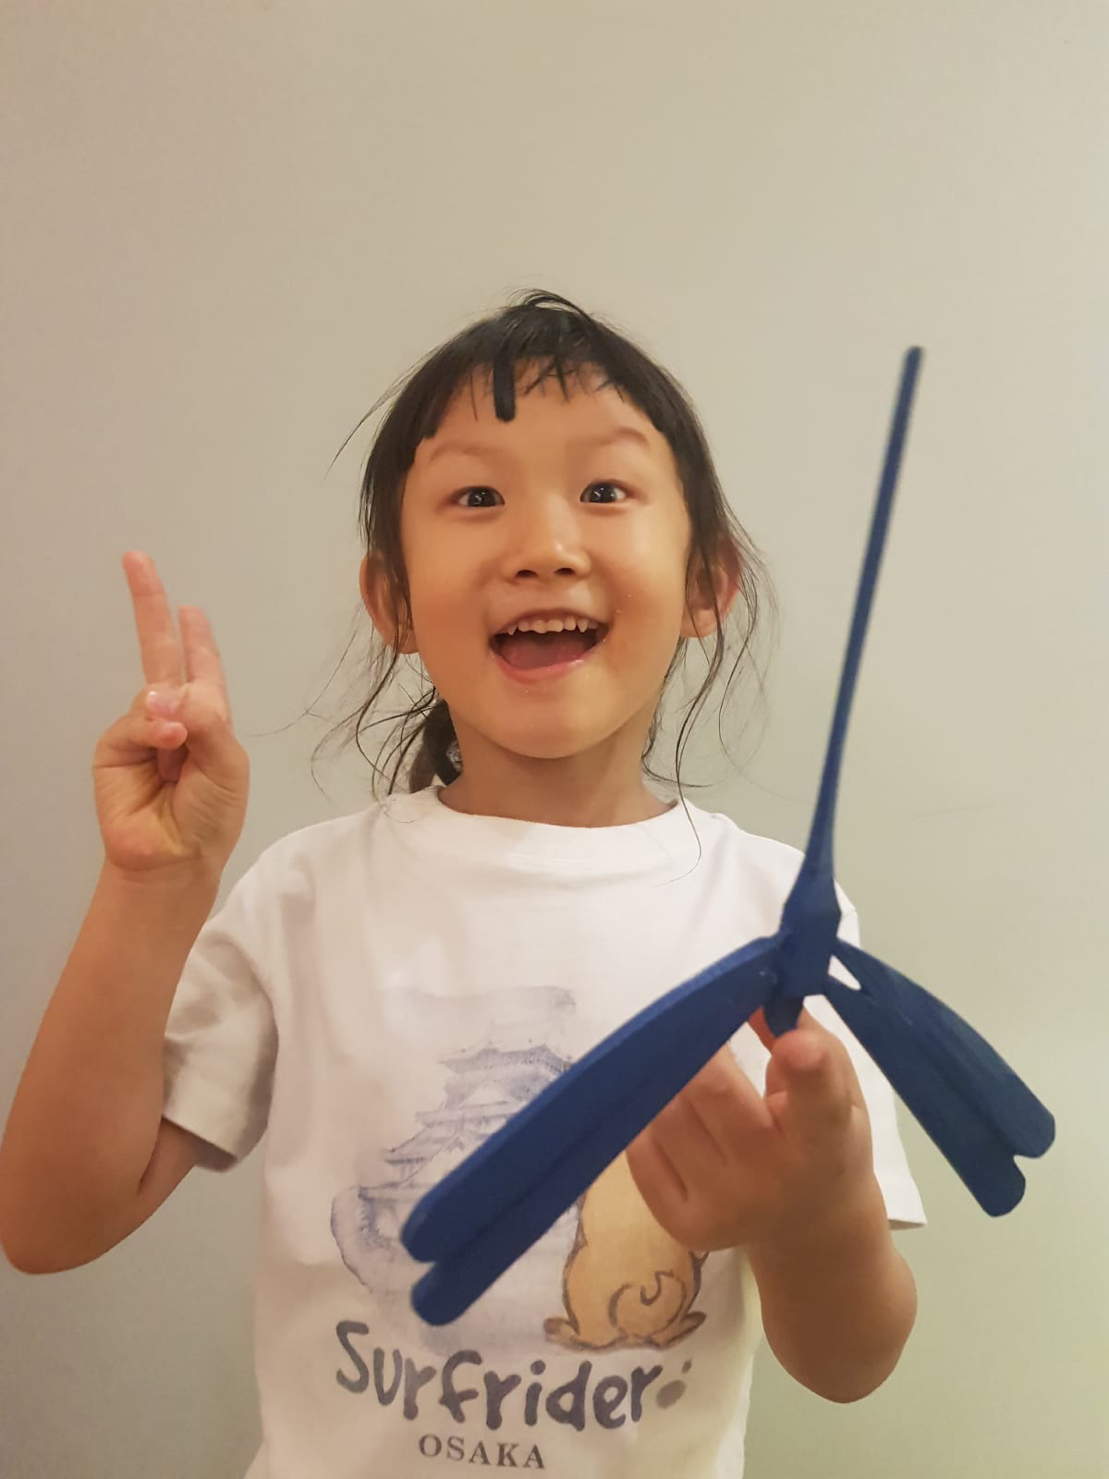 【親子時尚】高山峰愛玩具、帶孩子玩玩具培養孩子創造力